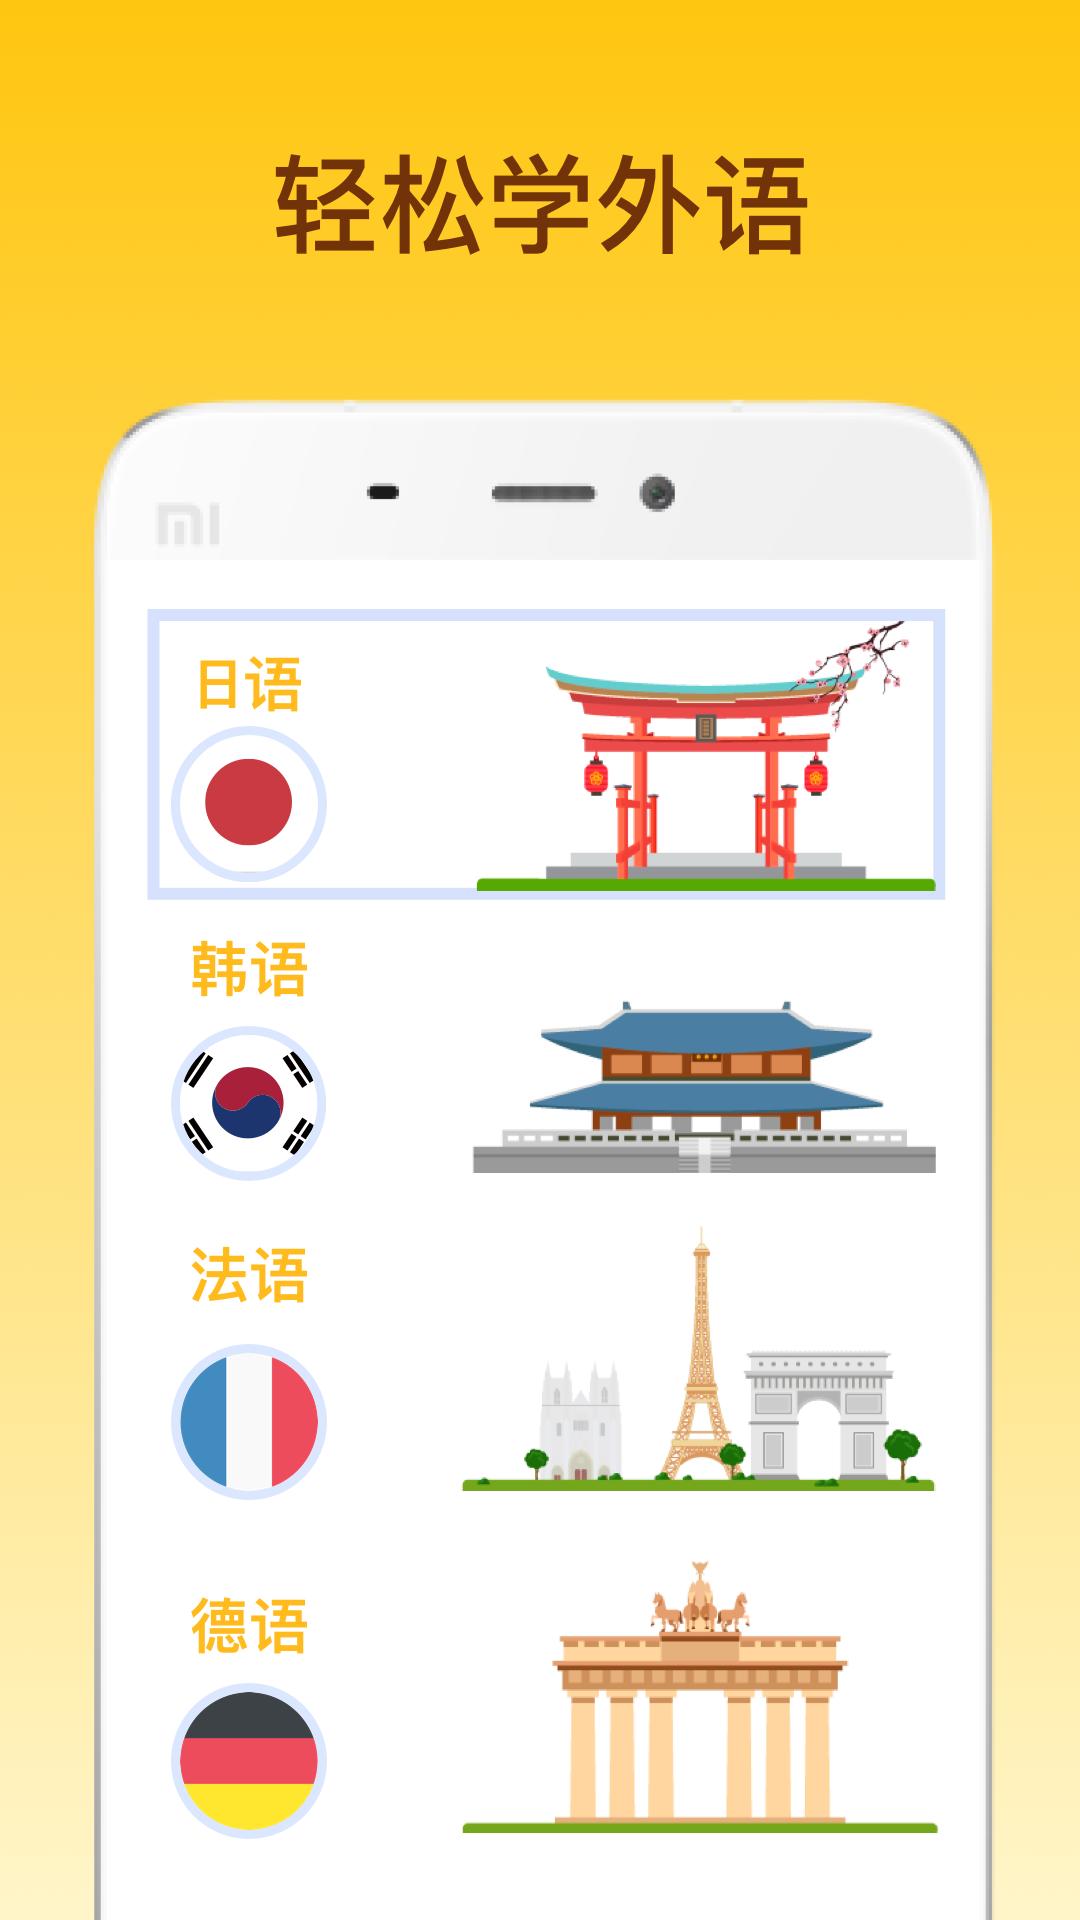 鹿老师说外语 V1.05 安卓免费版截图1